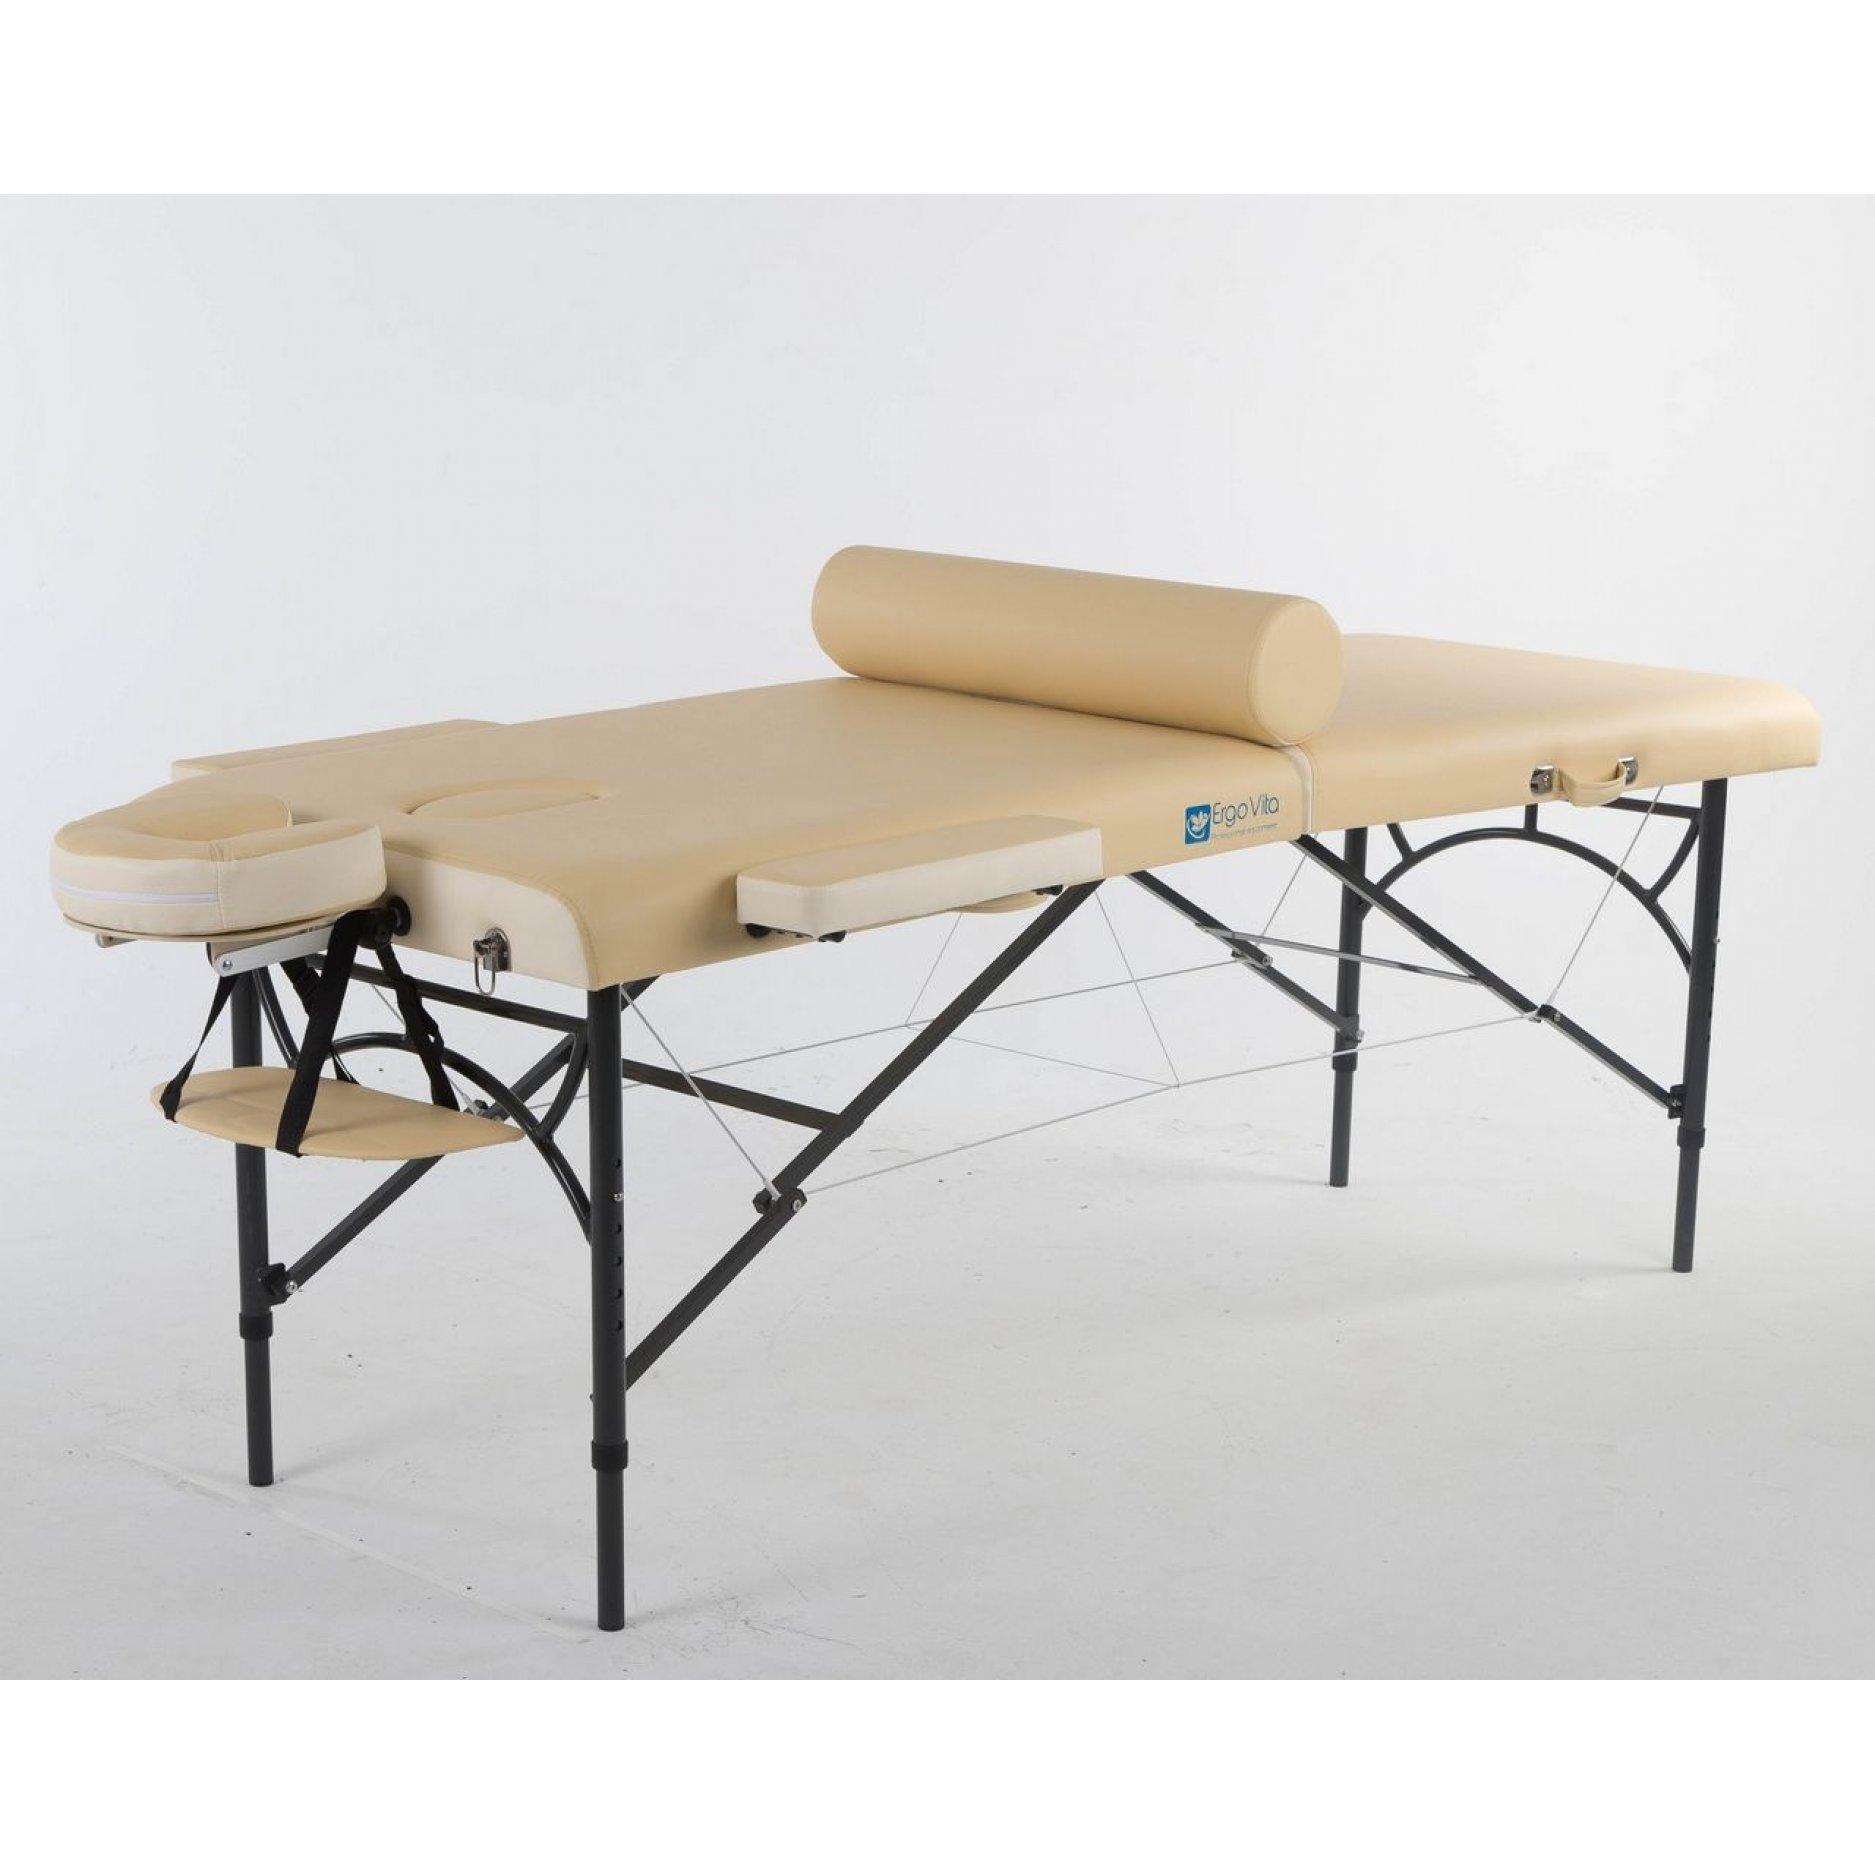 Складной массажный стол ErgoVita Master Alu Comfort бежевый+кремовый